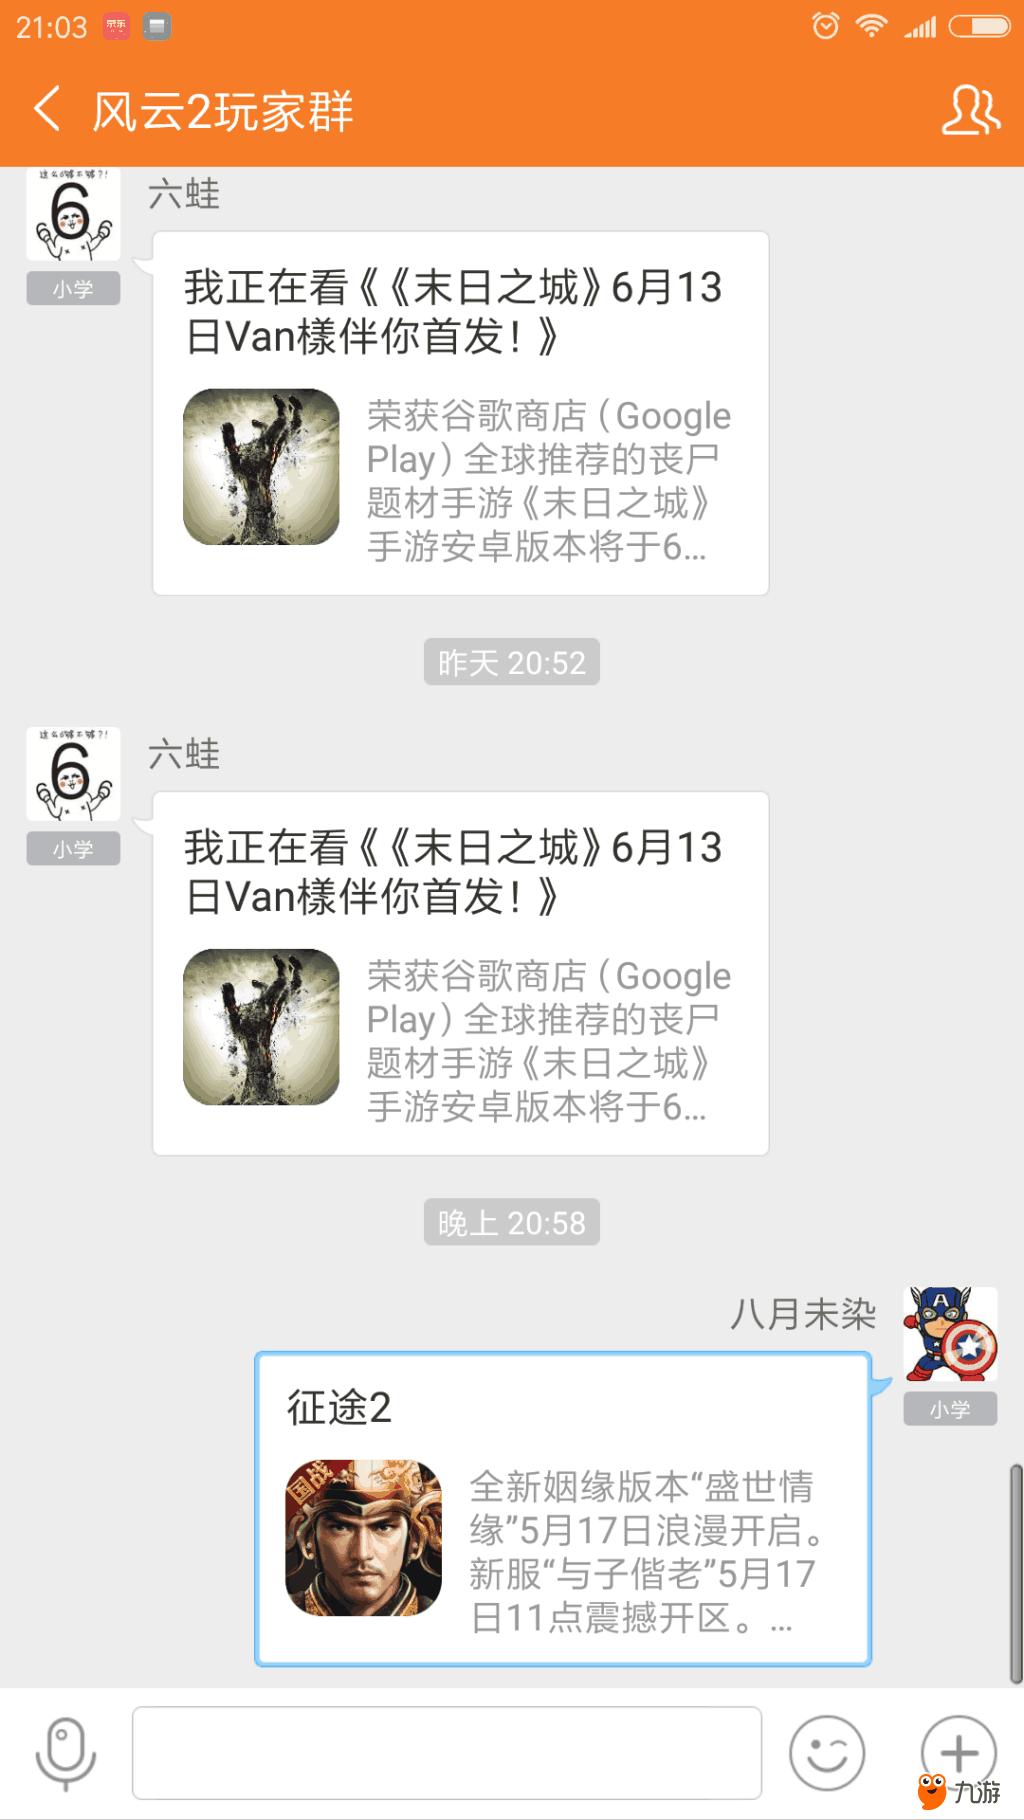 Screenshot_2018s06s14s21s03s44s327_cn.ninegame.ga.png